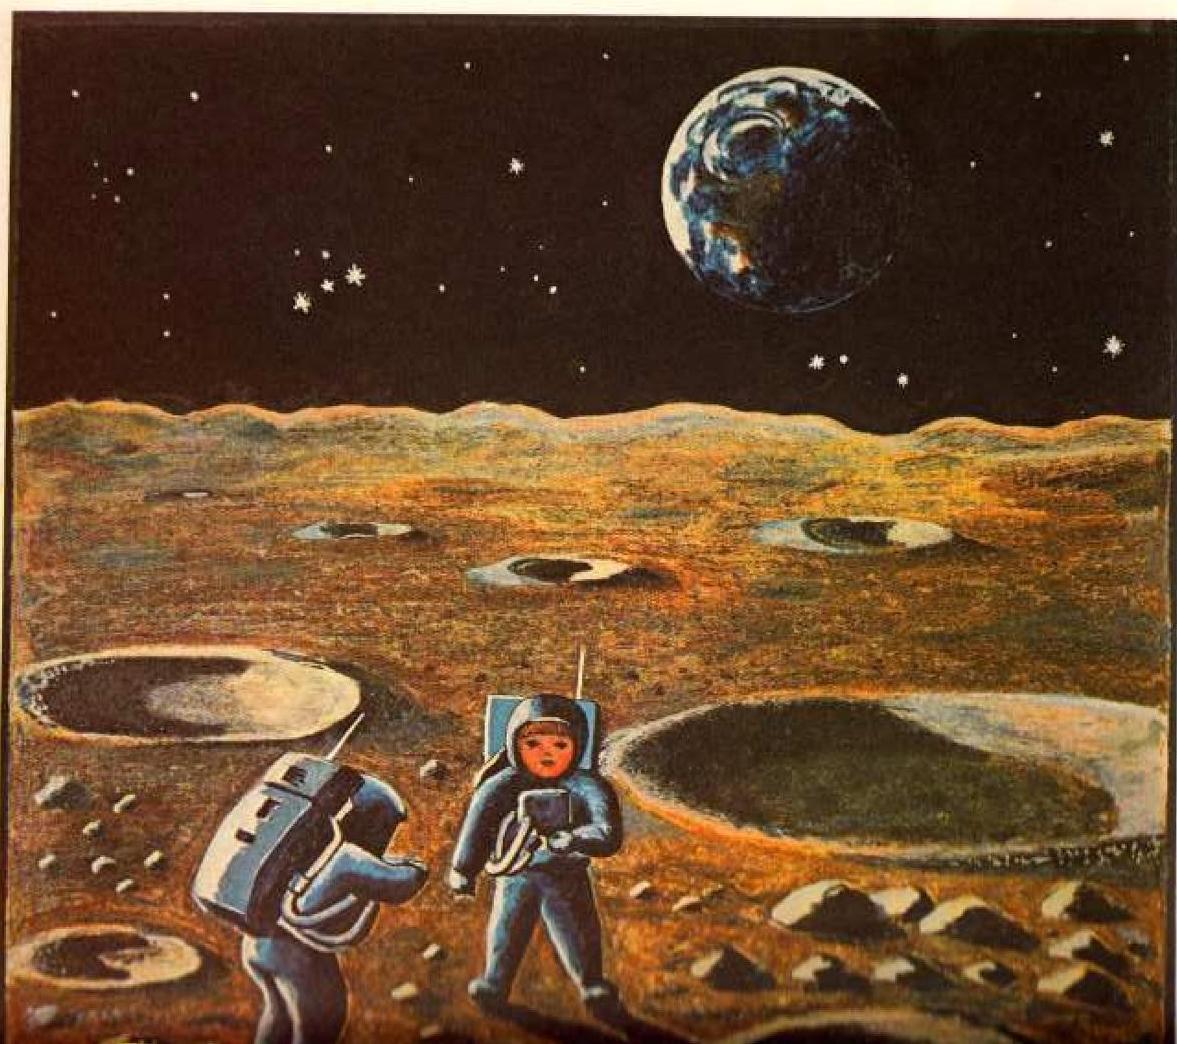 левин астрономия в картинках яна тихо, без